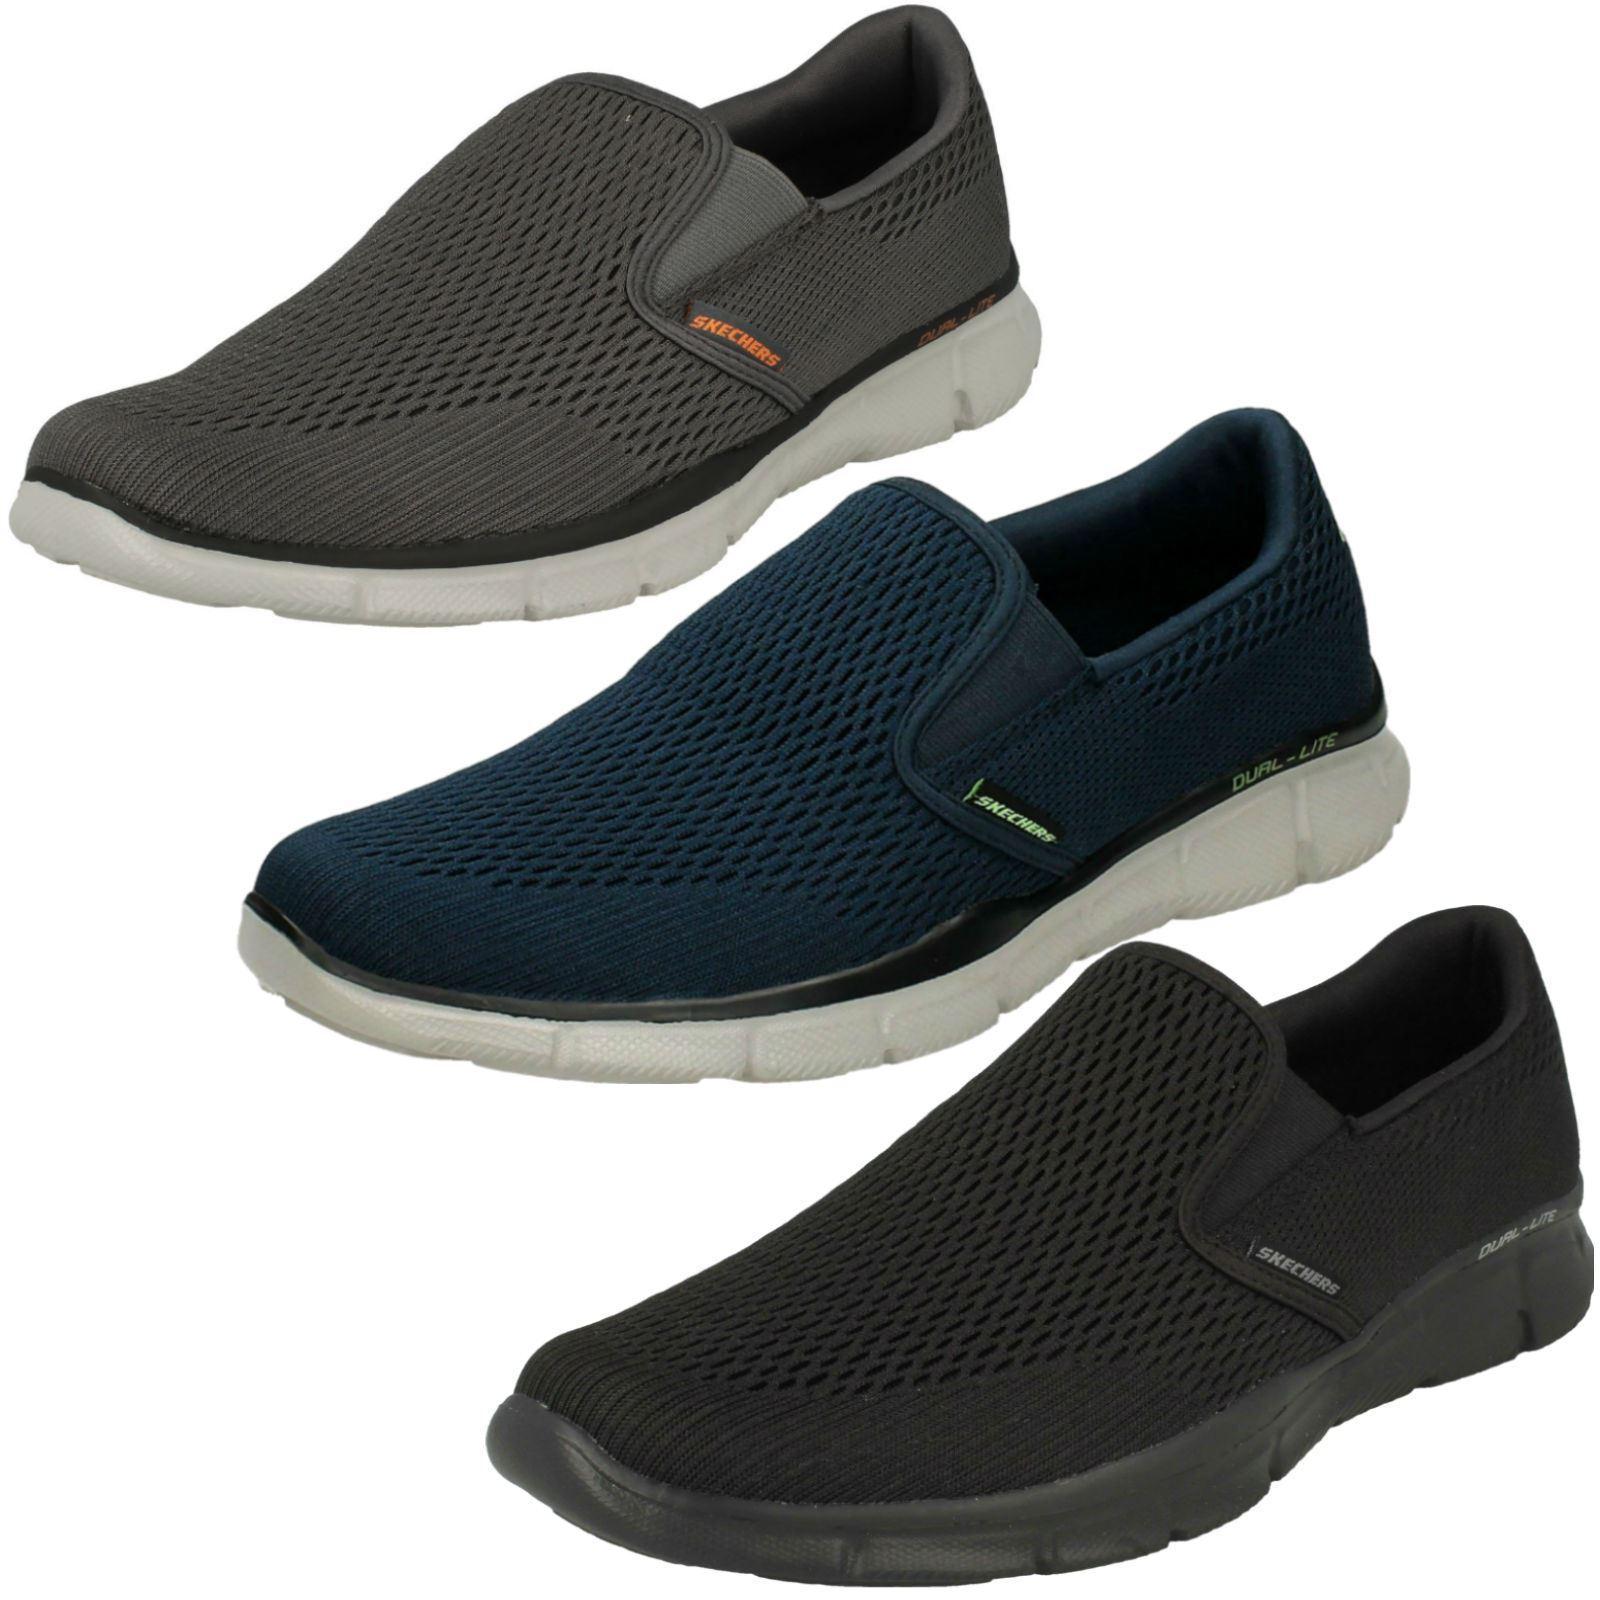 08nonwvm Neri Cinturini Sandalo Calzature Maegan Tendenze OTkXiPZuw